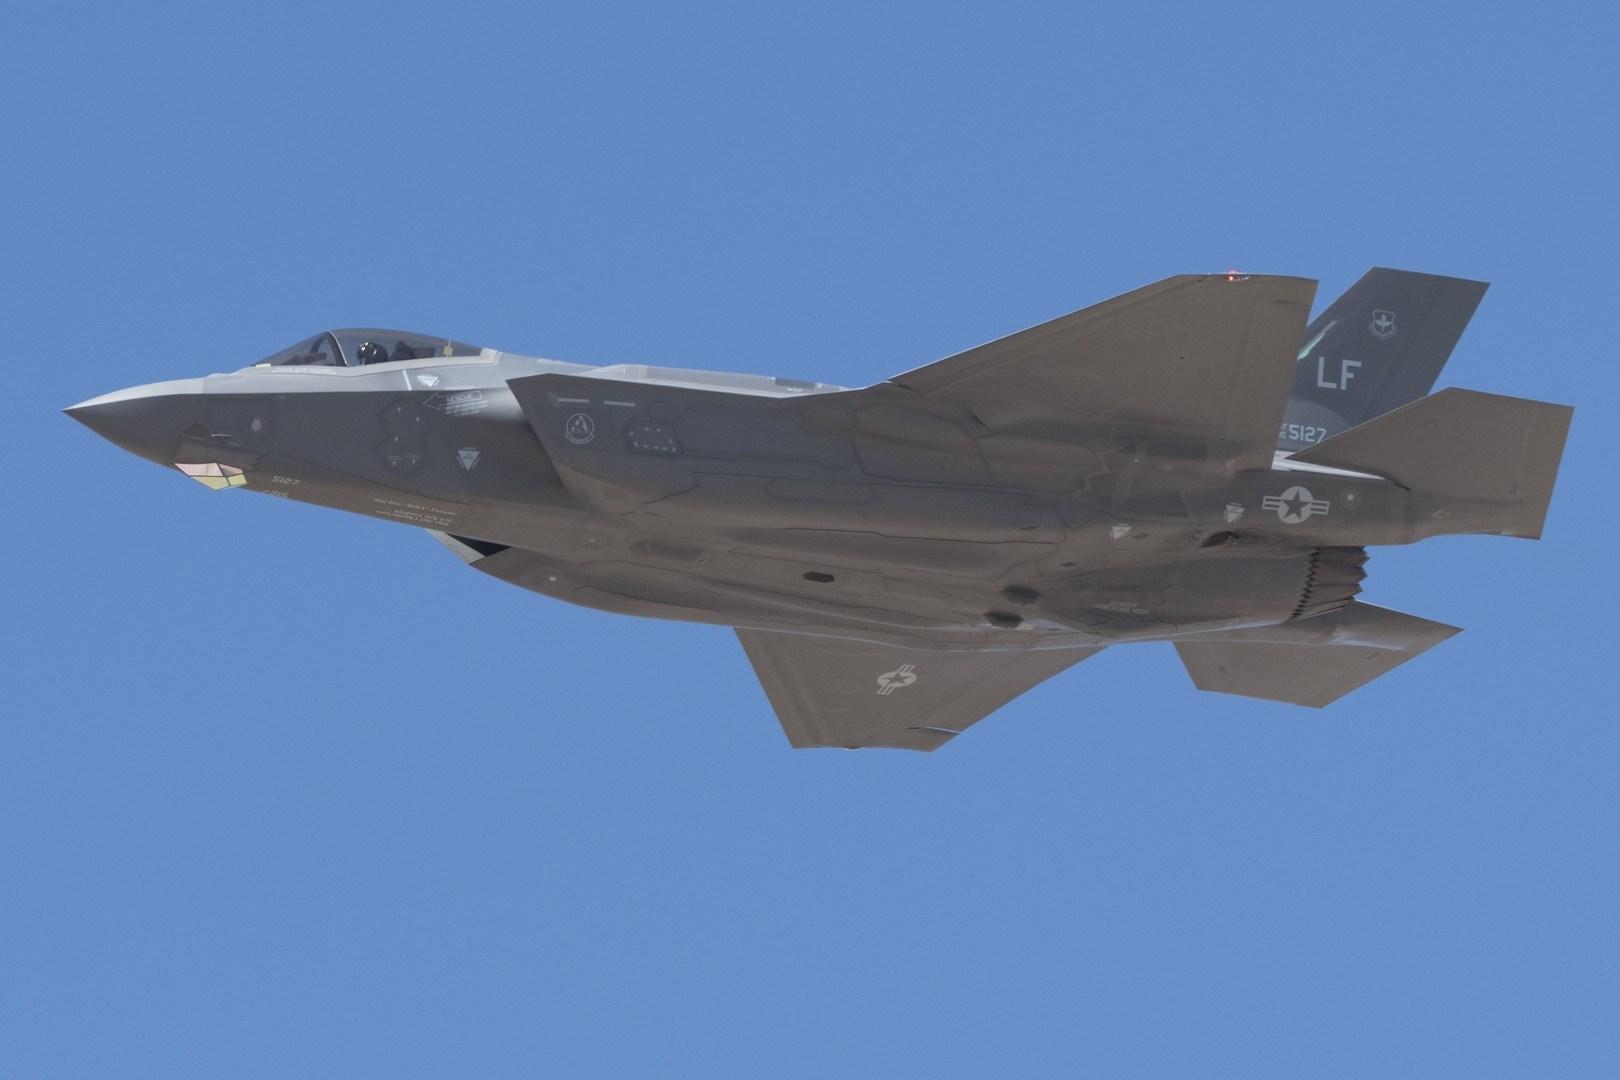 قبل لحظات من تنصيب بايدن الإمارات وقعت مع أميركا اتفاق شراء 50 طائرة أف 35